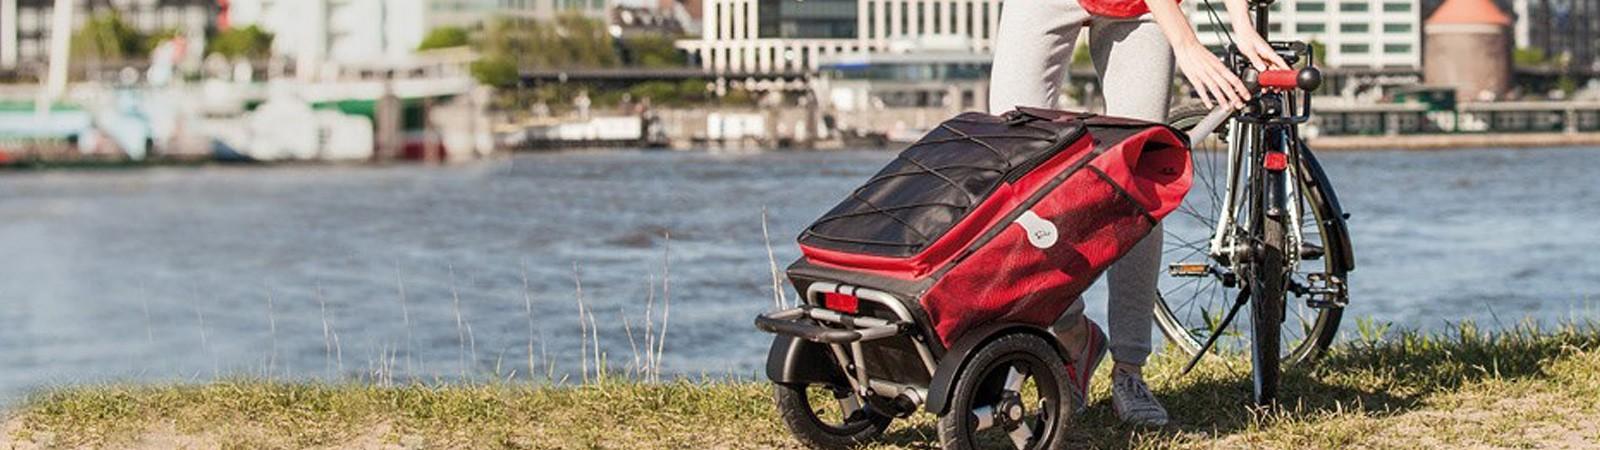 Remorque, chariot courses & caddie pour vélo électrique